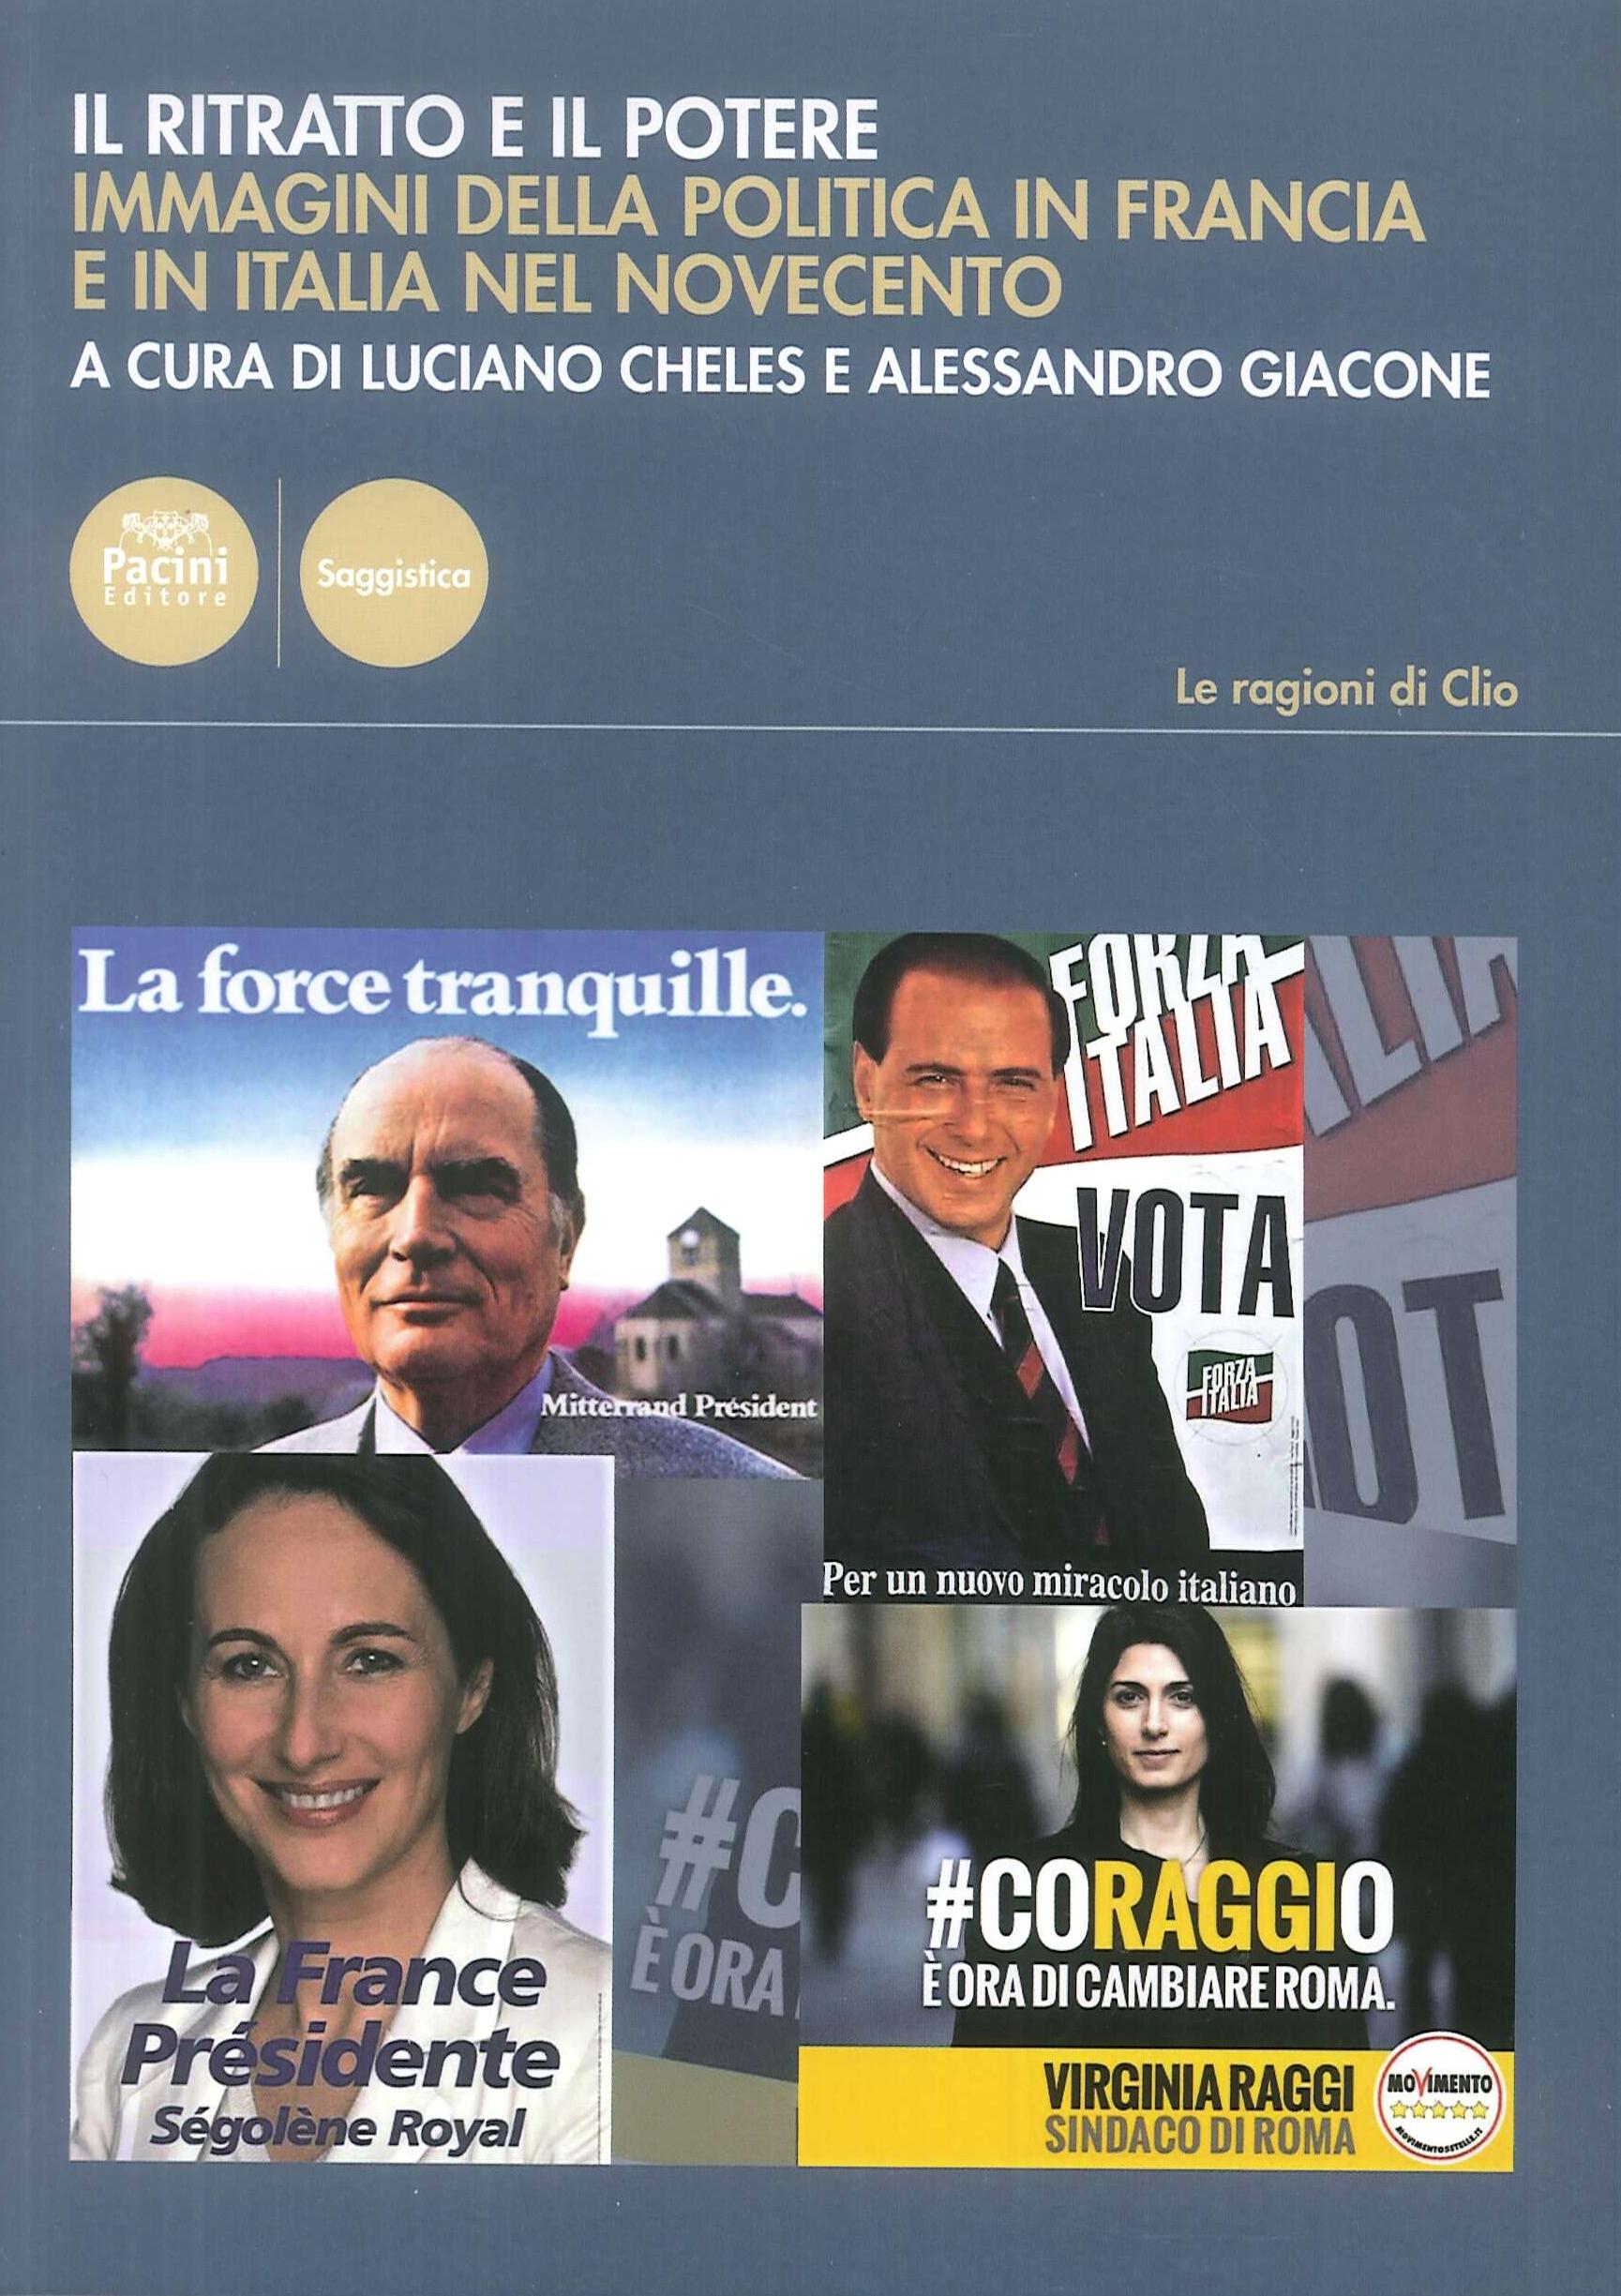 Il ritratto e il potere. Immagini della politica in francia e in italia nel novecento